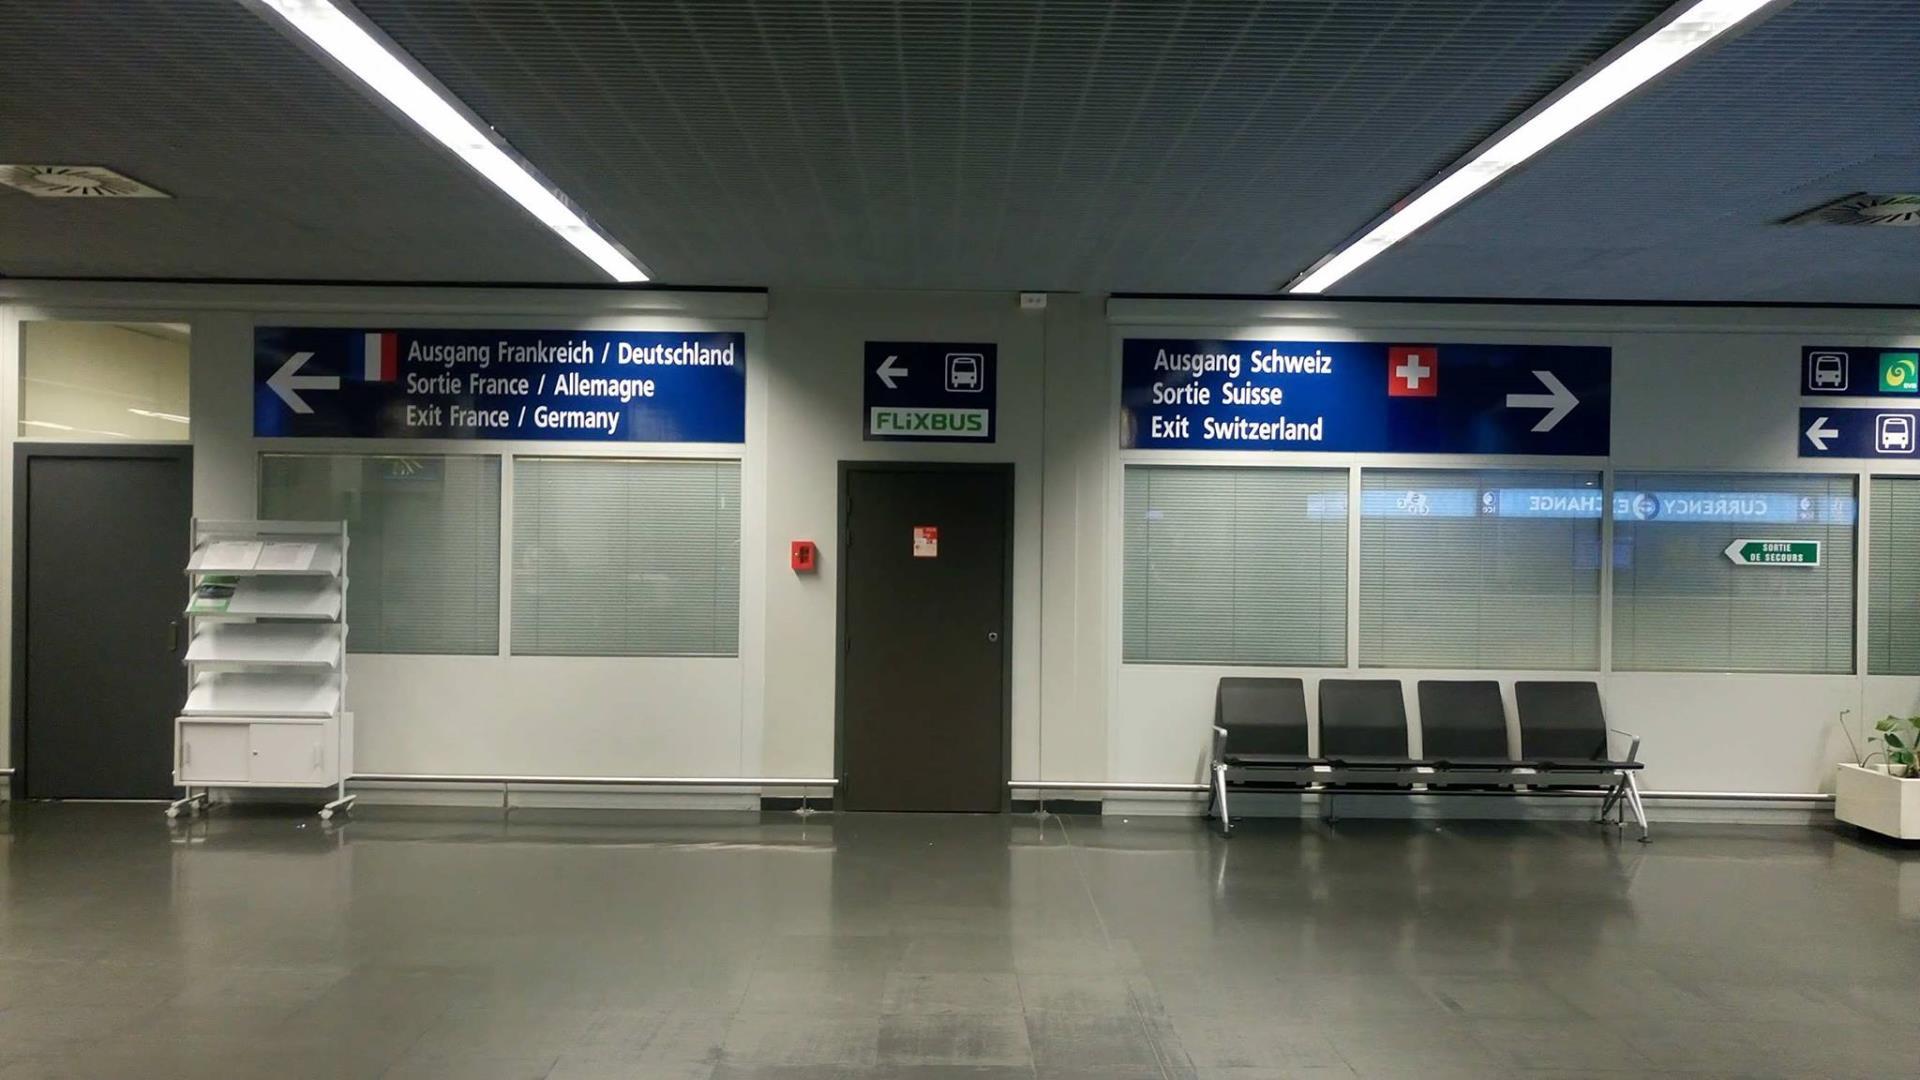 Uscita dell'aeroporto di Basilea